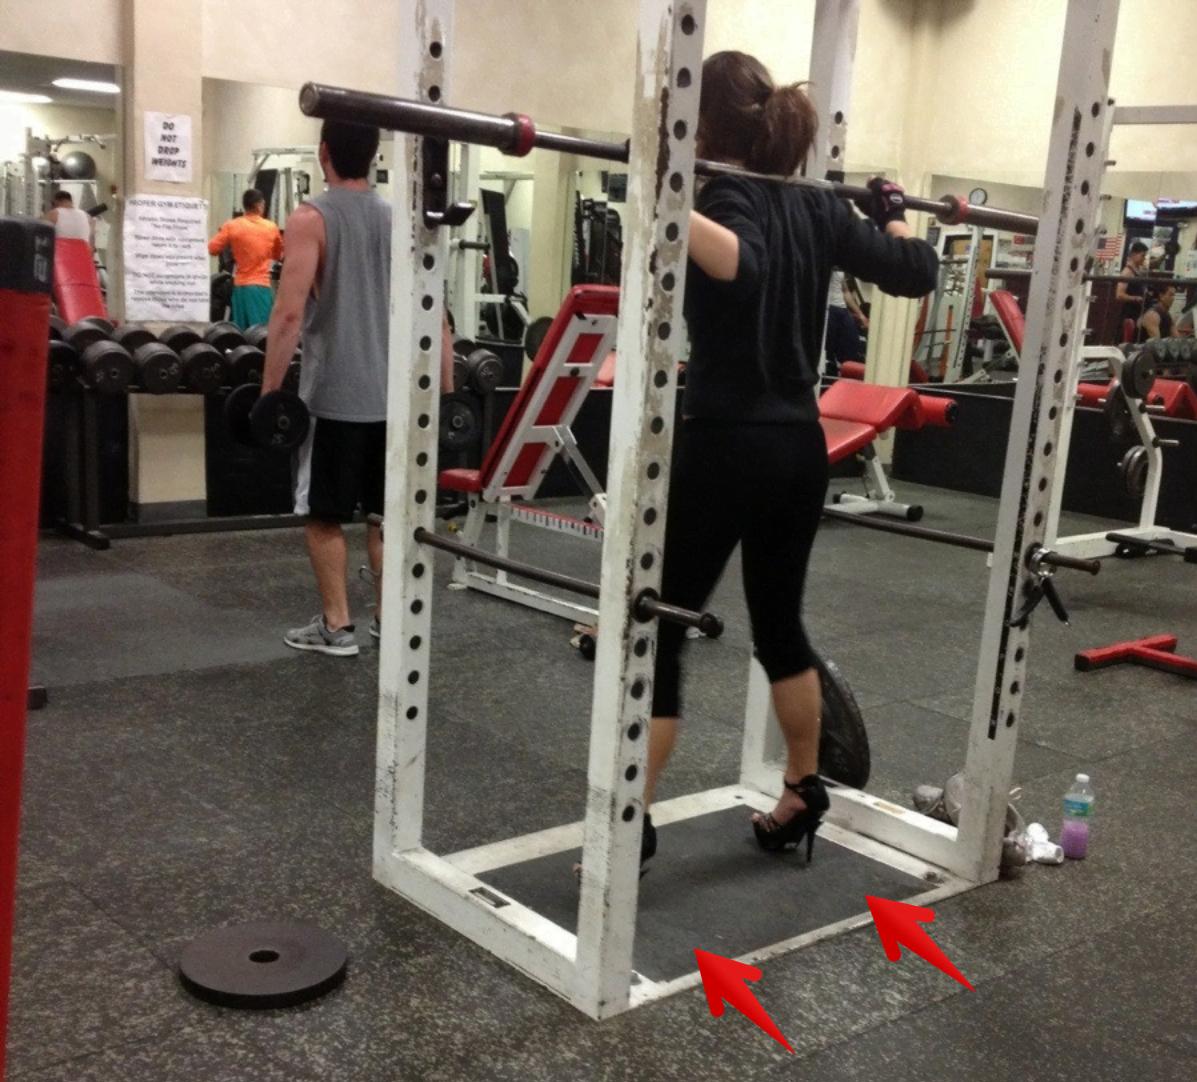 Bilderesultat for gym en pareja frases